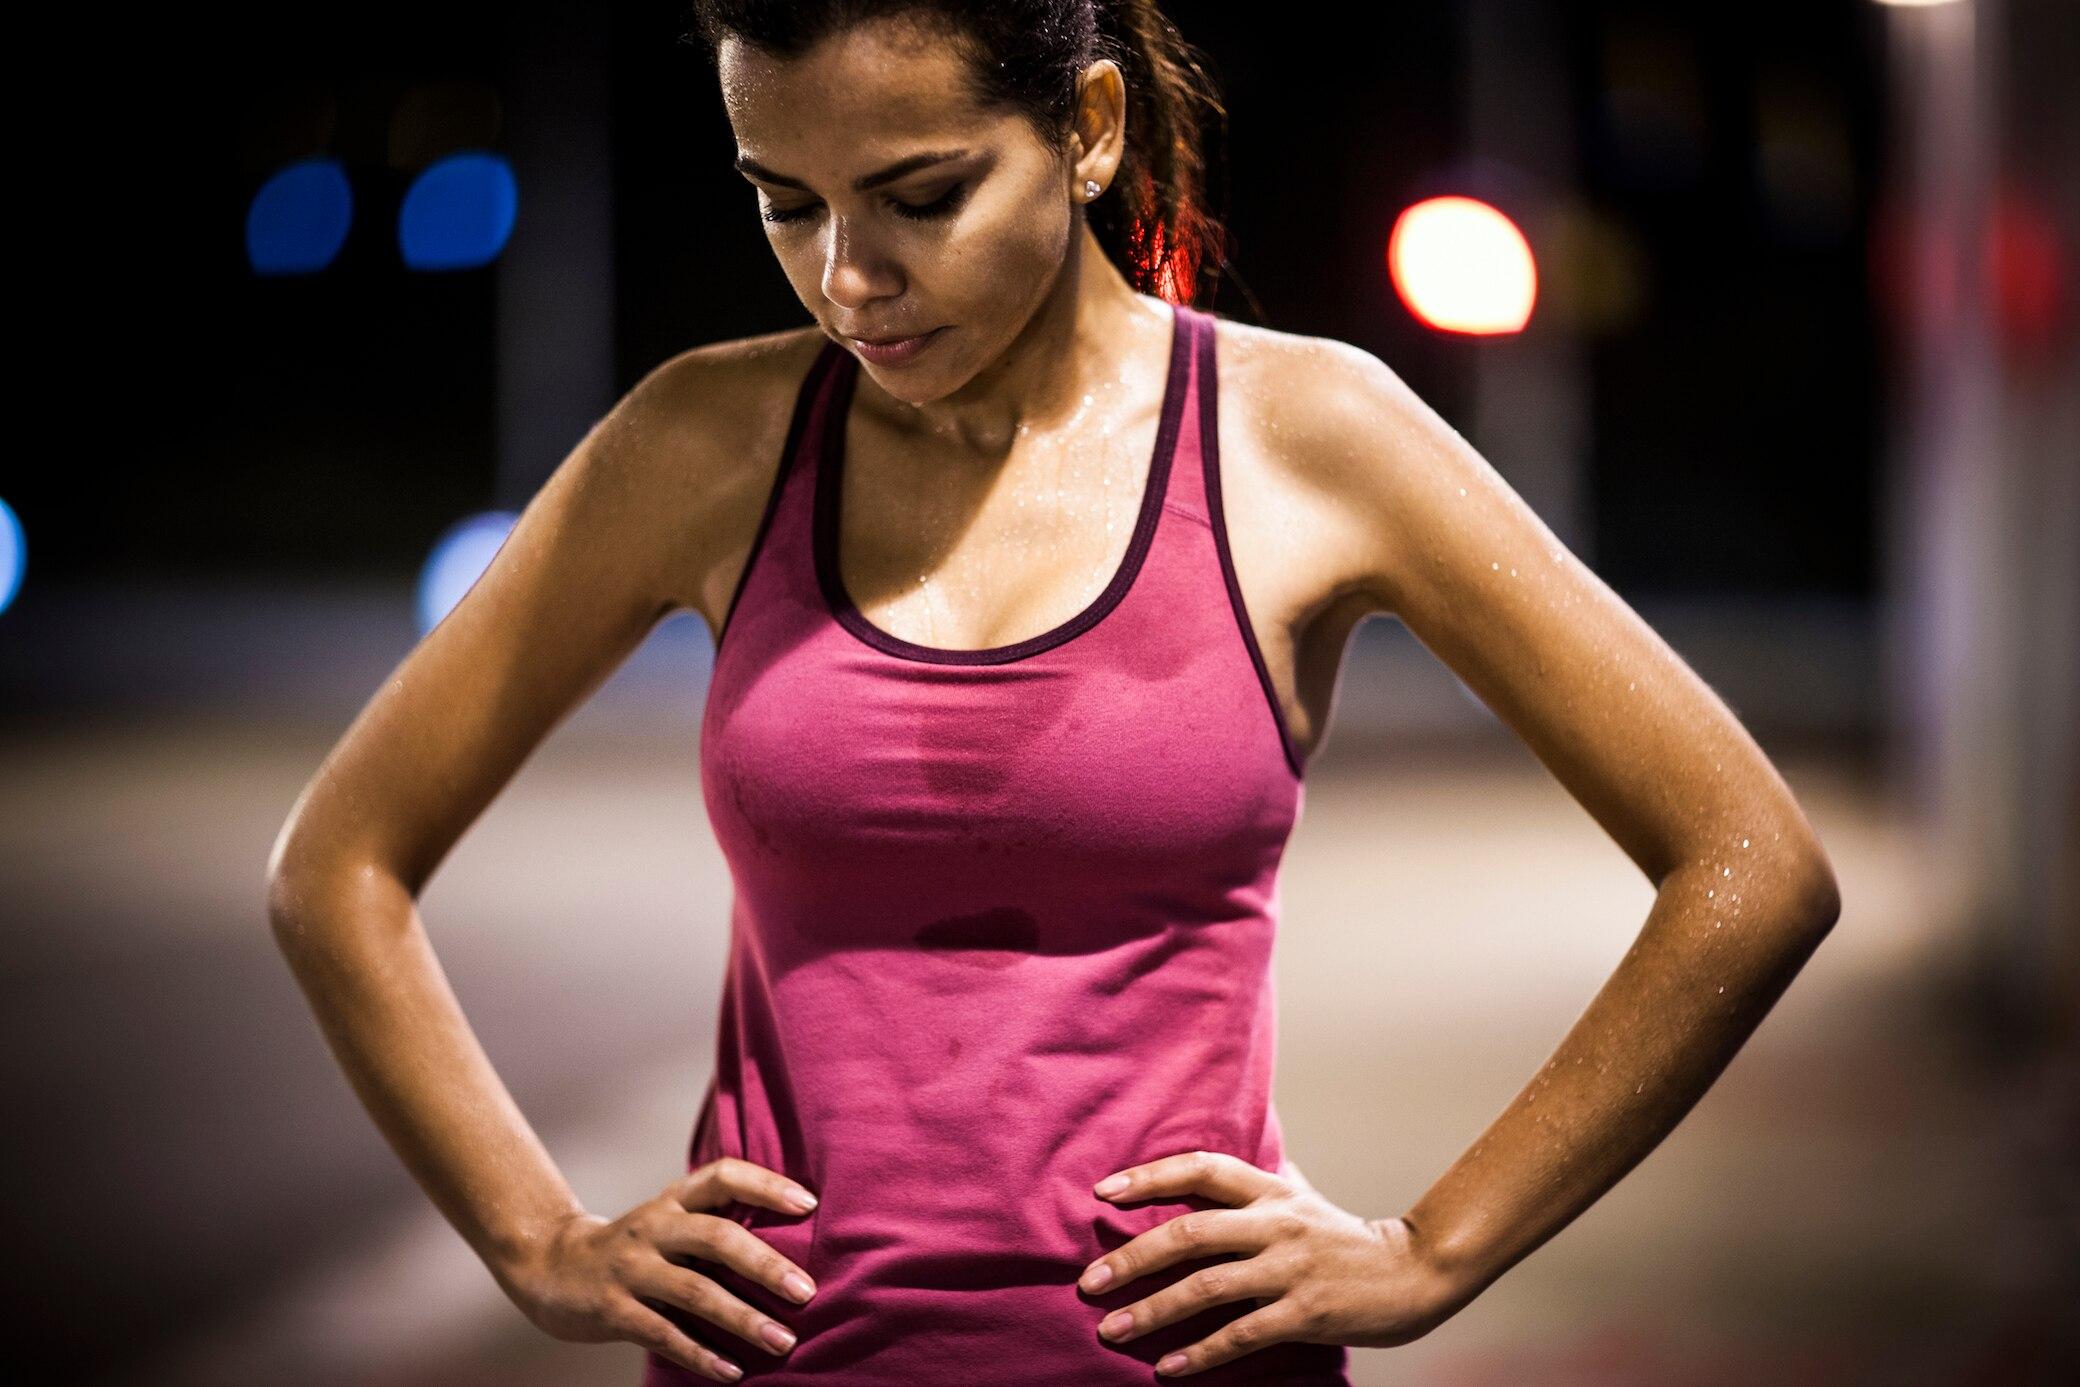 Brüste schneller wachsen   Grösser werden: 9 Schritte (mit